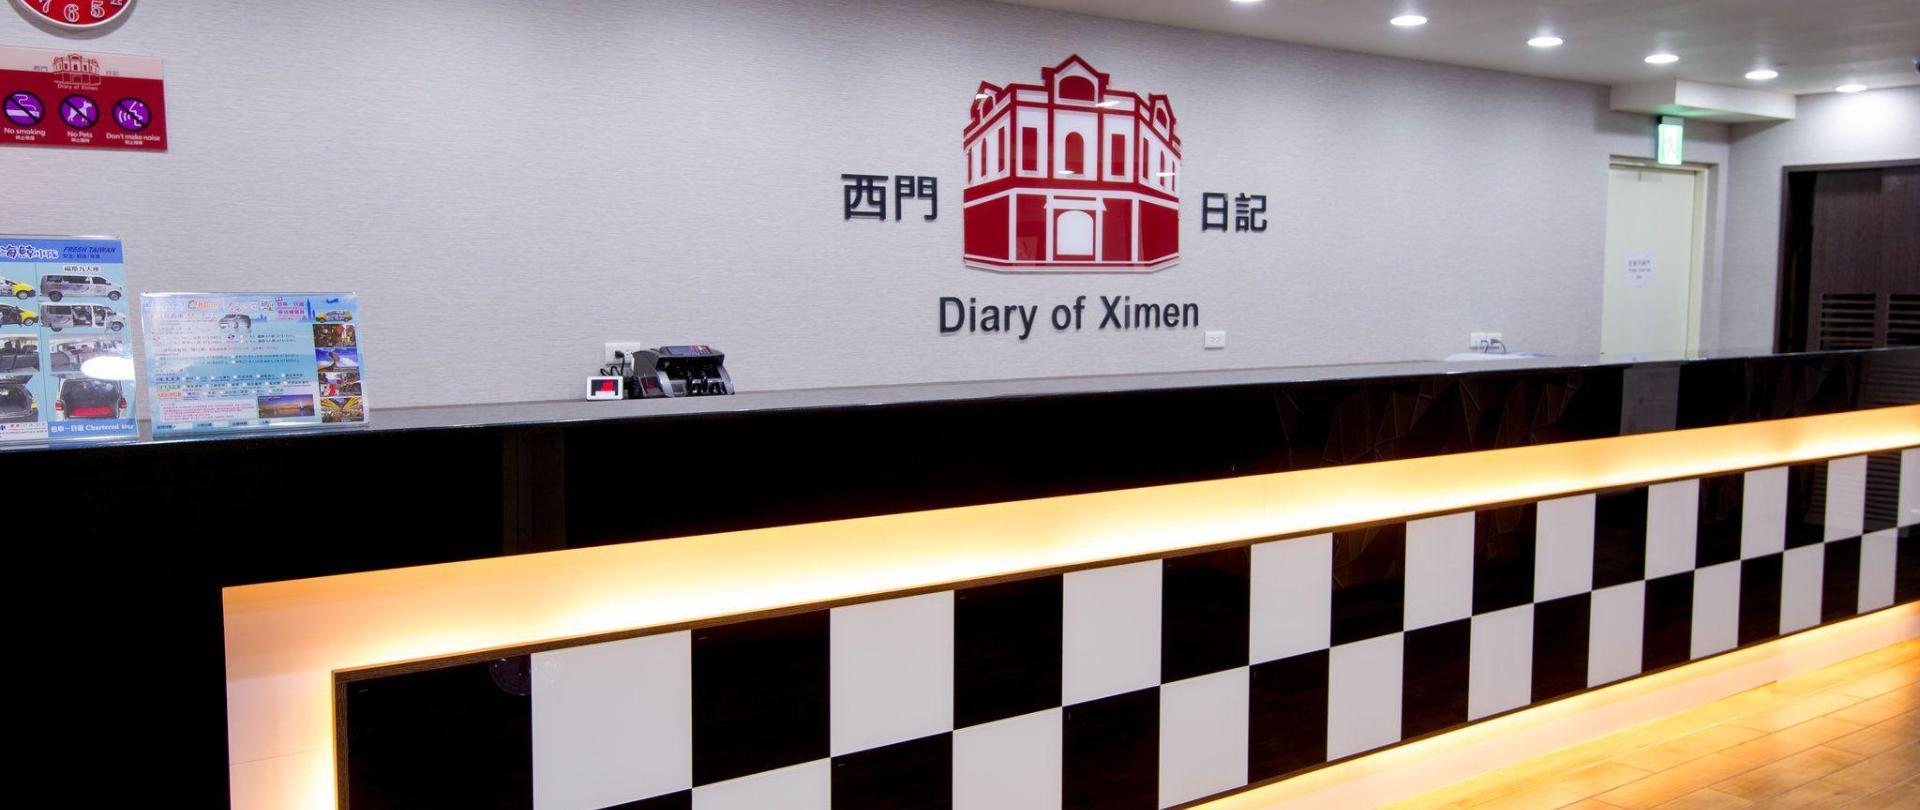 西門日記旅店